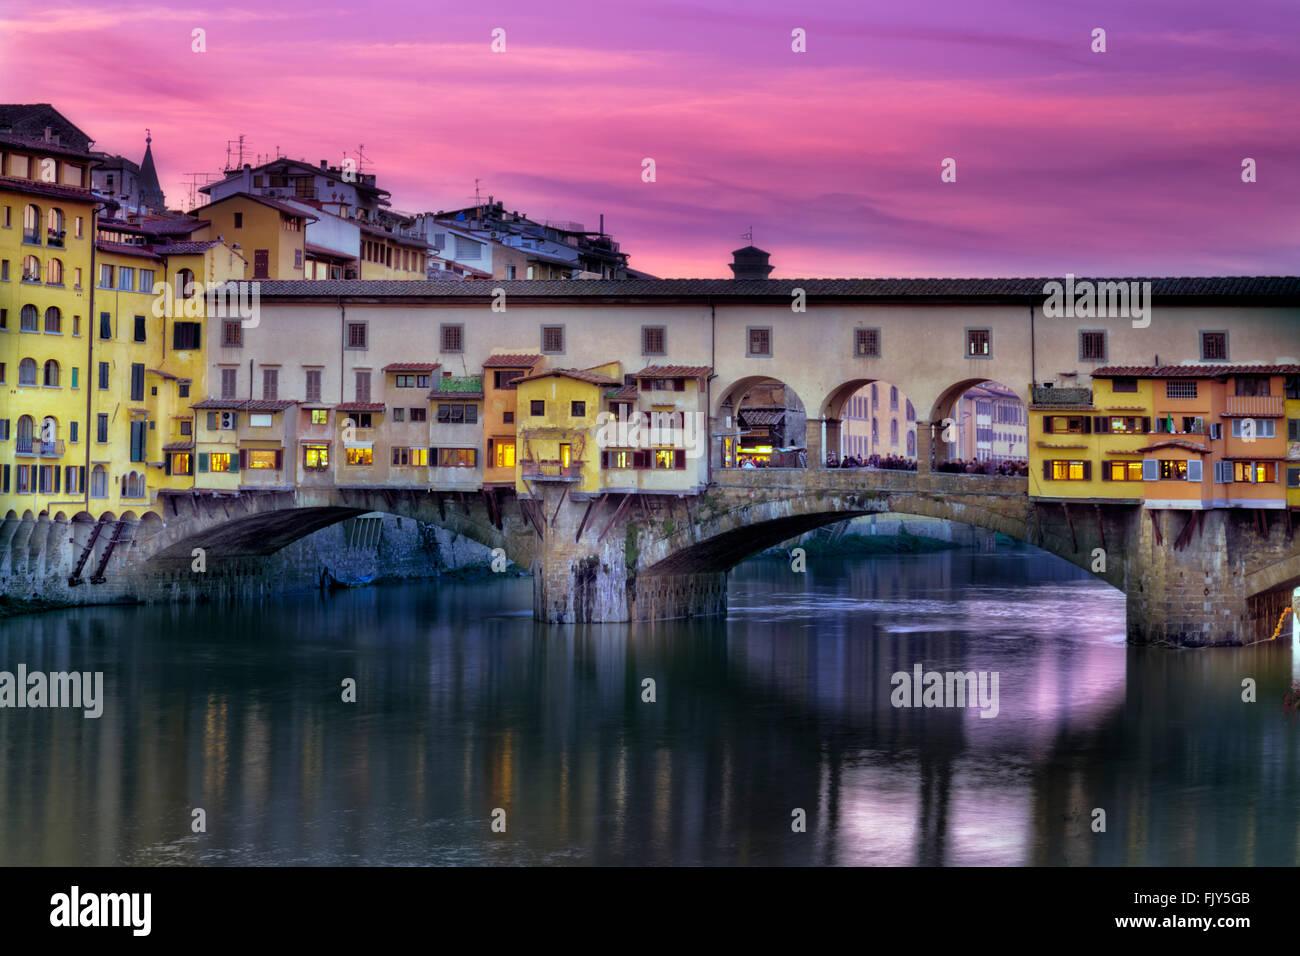 Schöne und spezielle Twilight Farben in Ponte Vecchio. Florenz, Italien. Stockbild